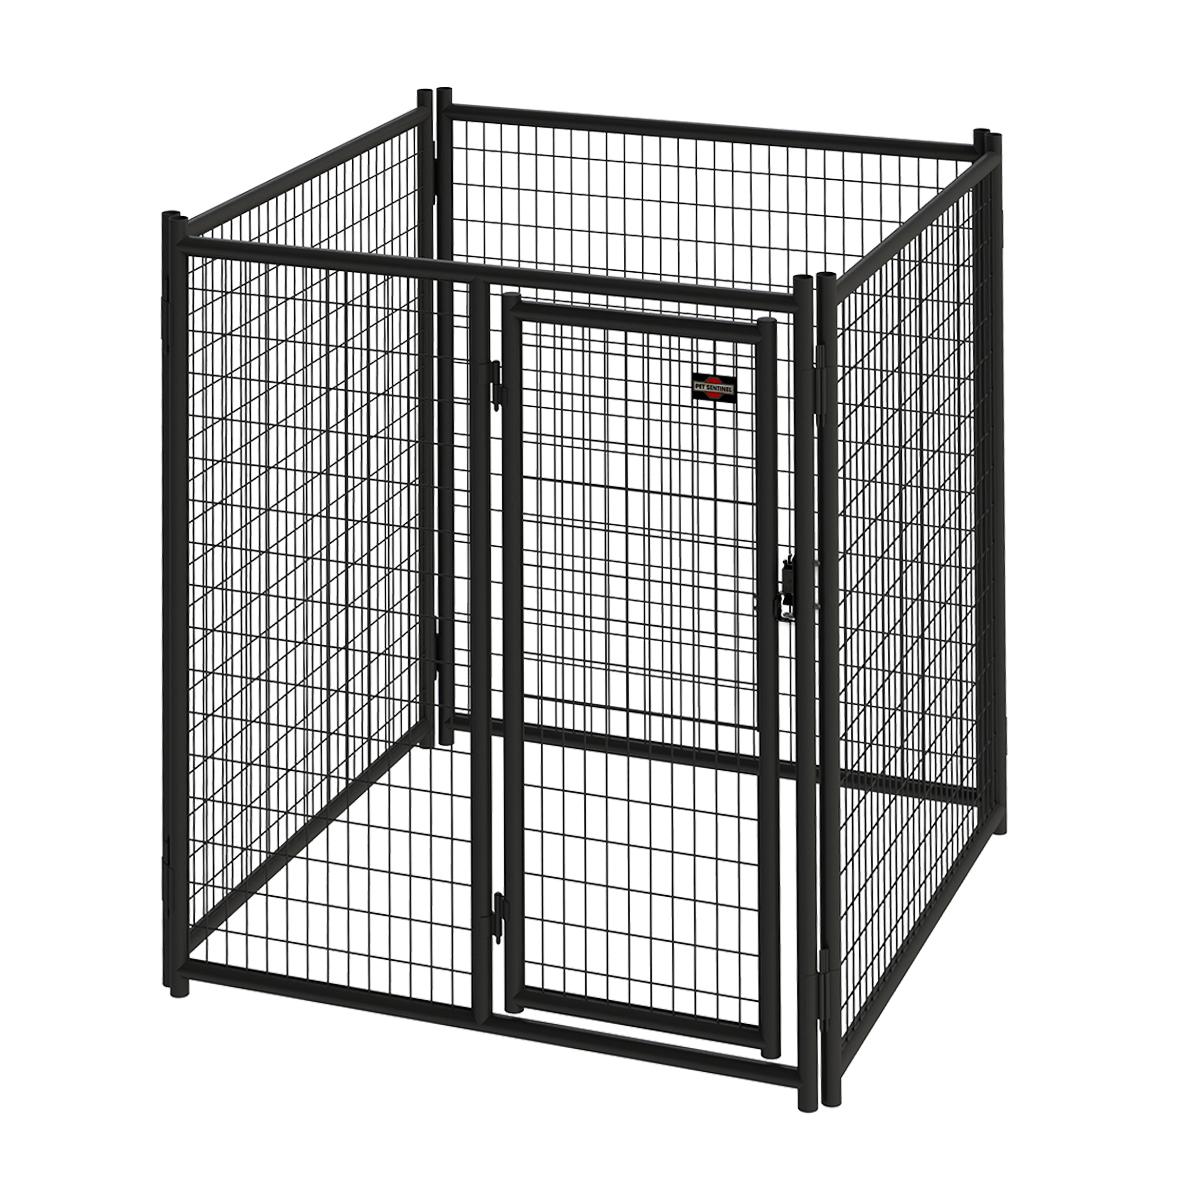 6ft H X 5ft W Heavy Duty Steel Kennel Panel Pet Kennels